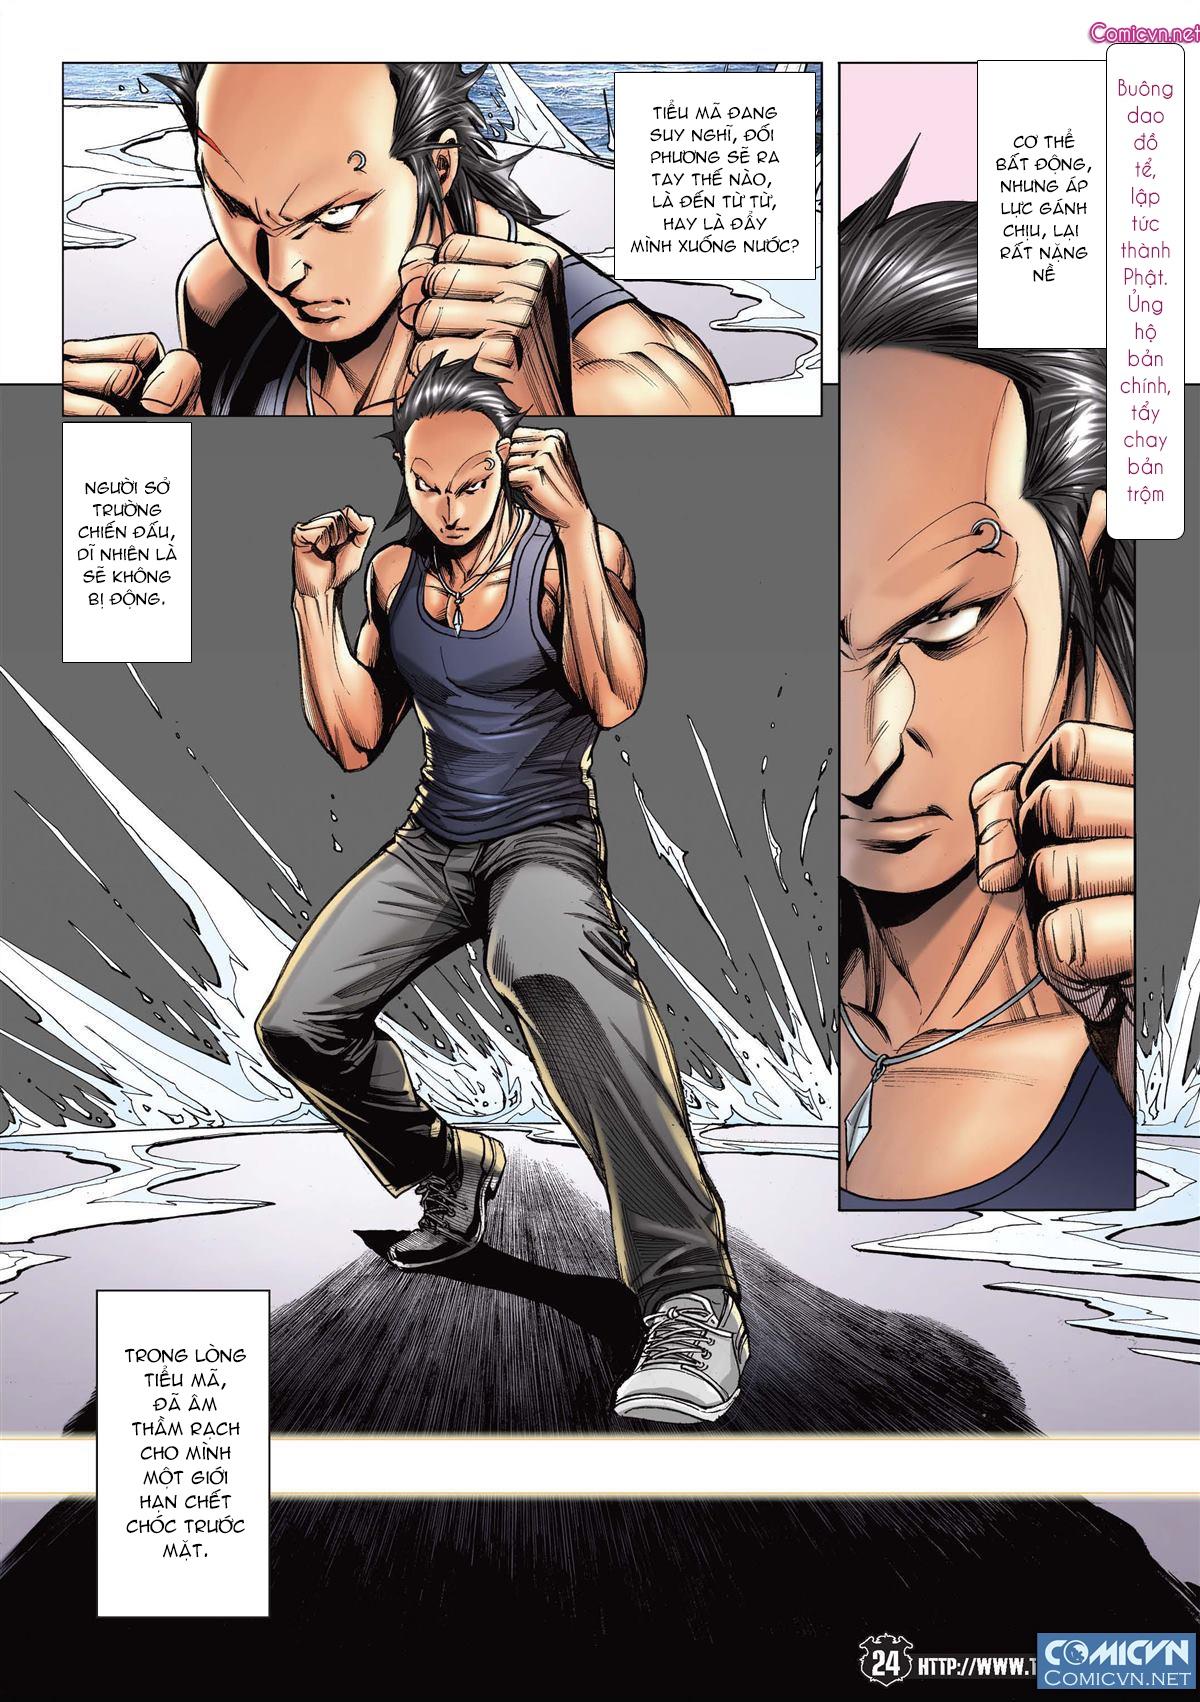 Người Trong Giang Hồ chapter 2148: tiểu mã vs gia đằng nhị trang 20